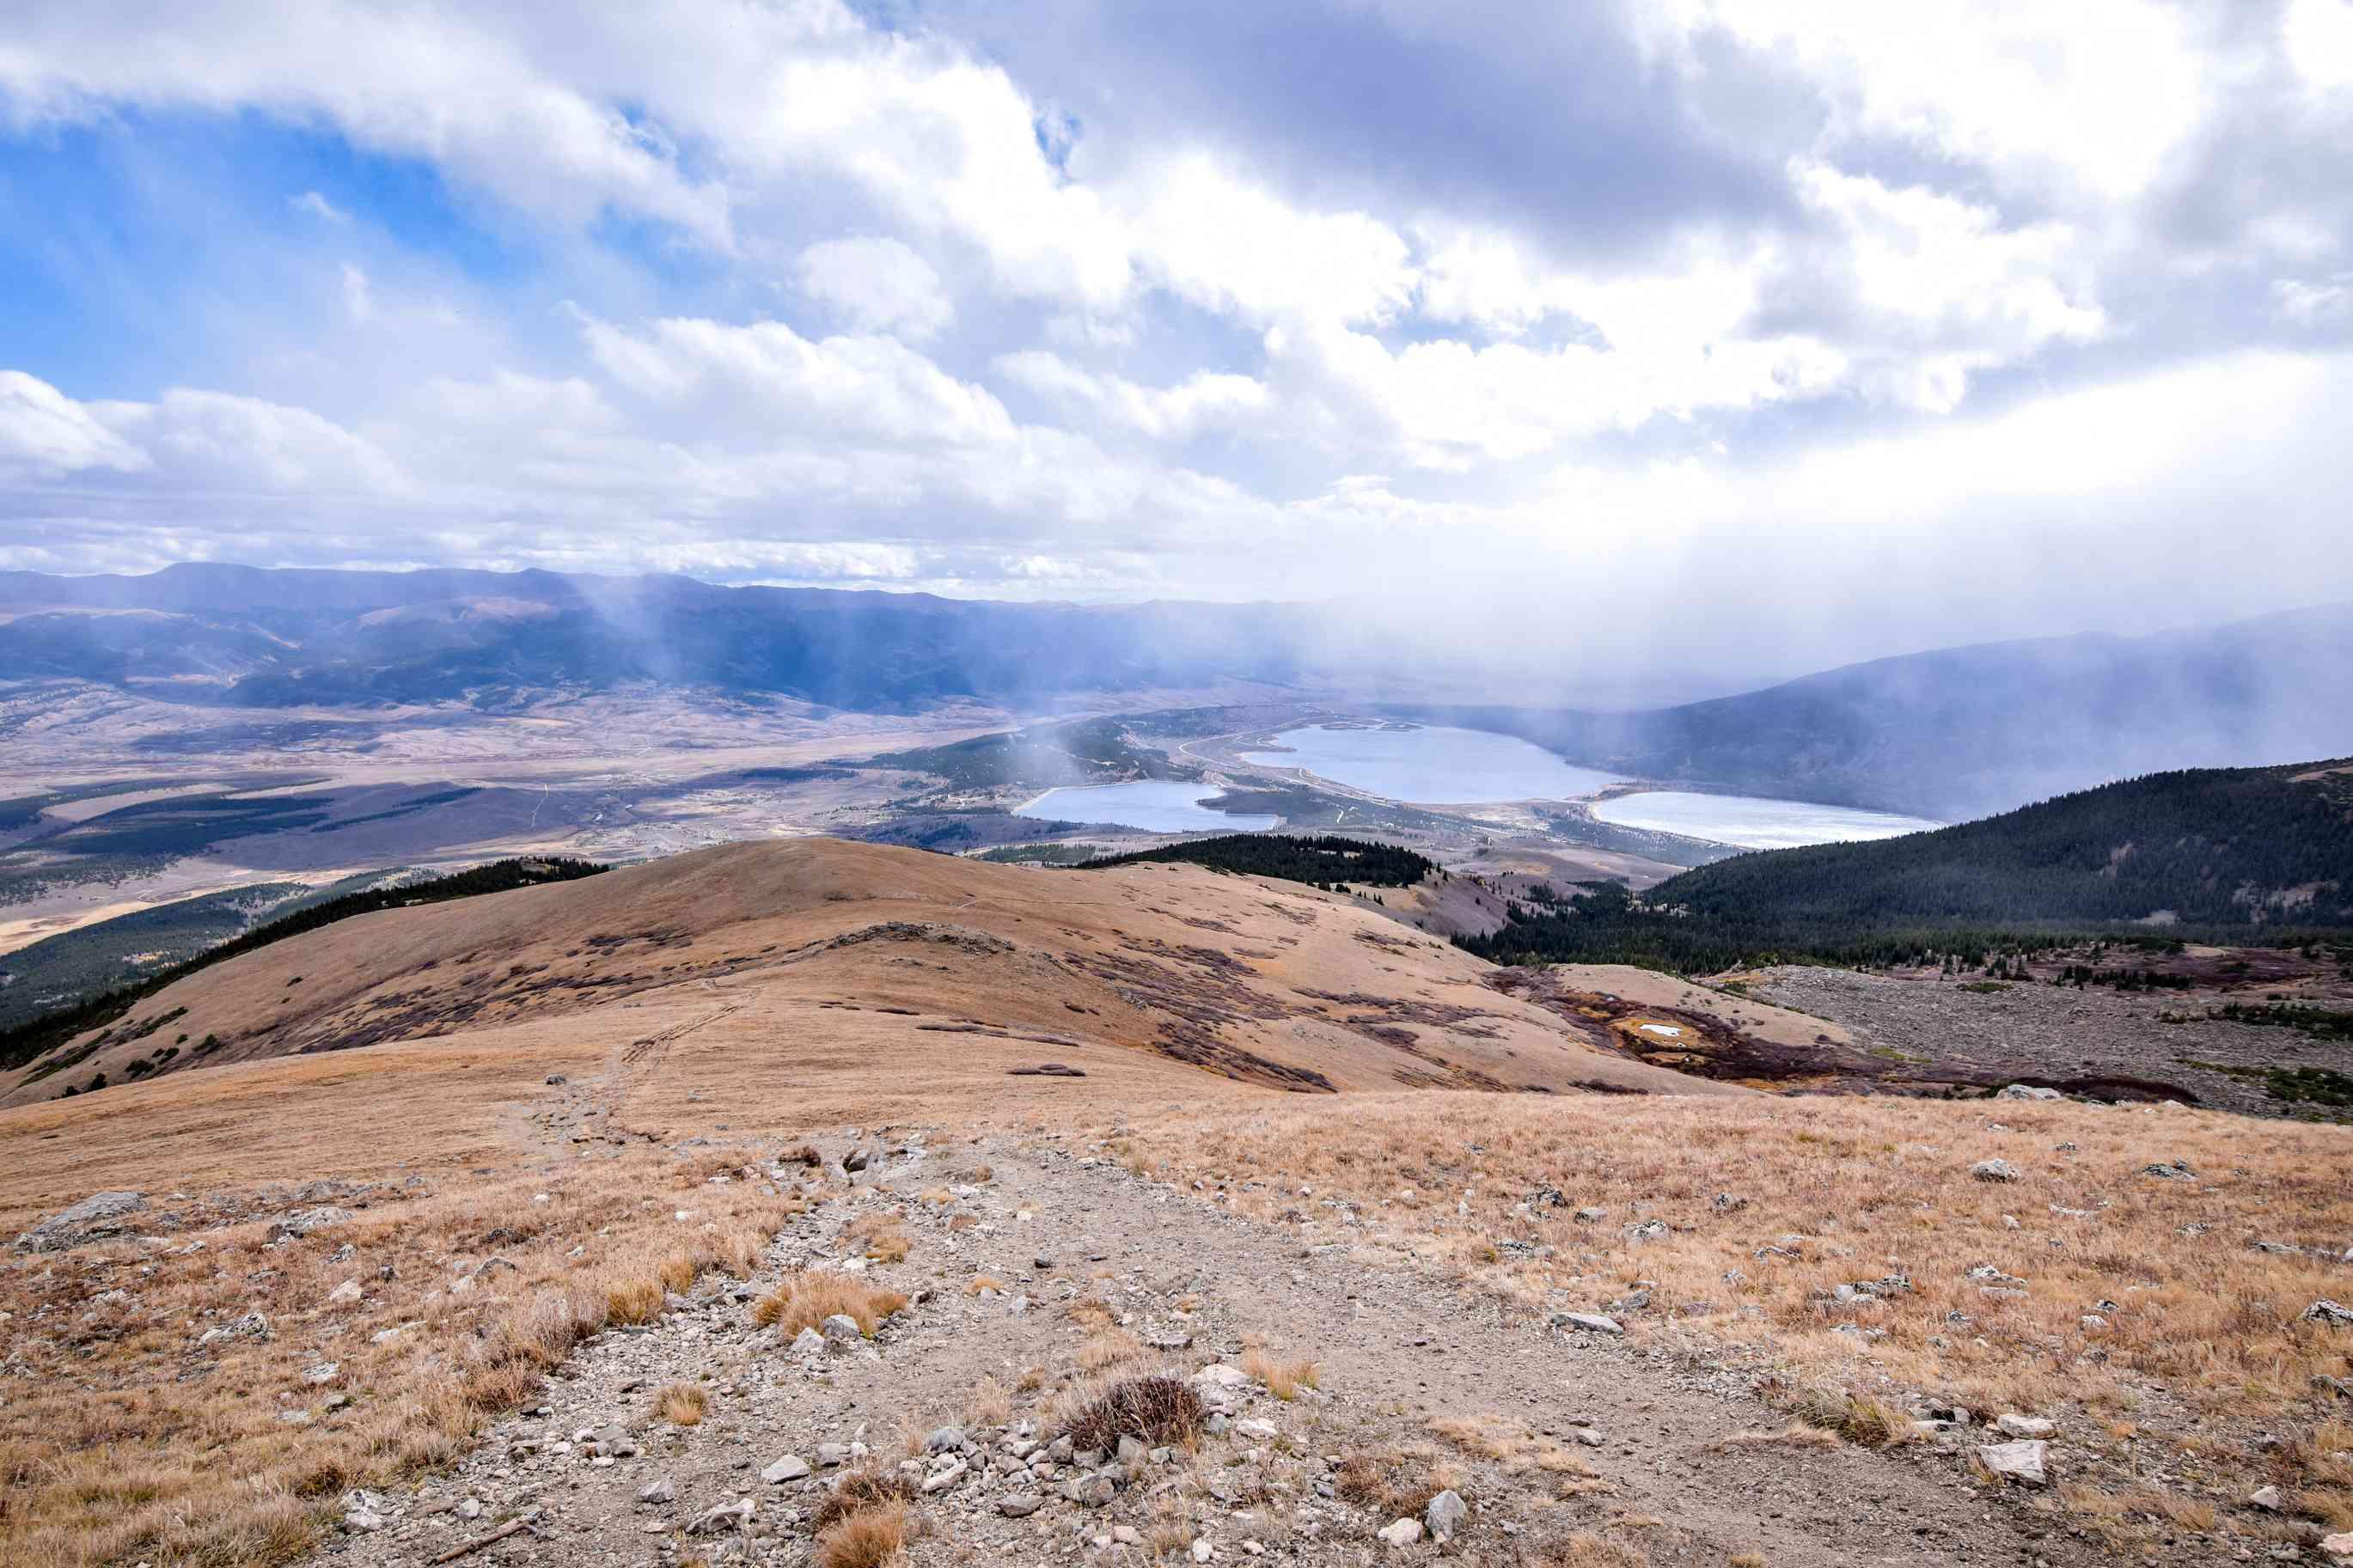 View from Mount Elbert